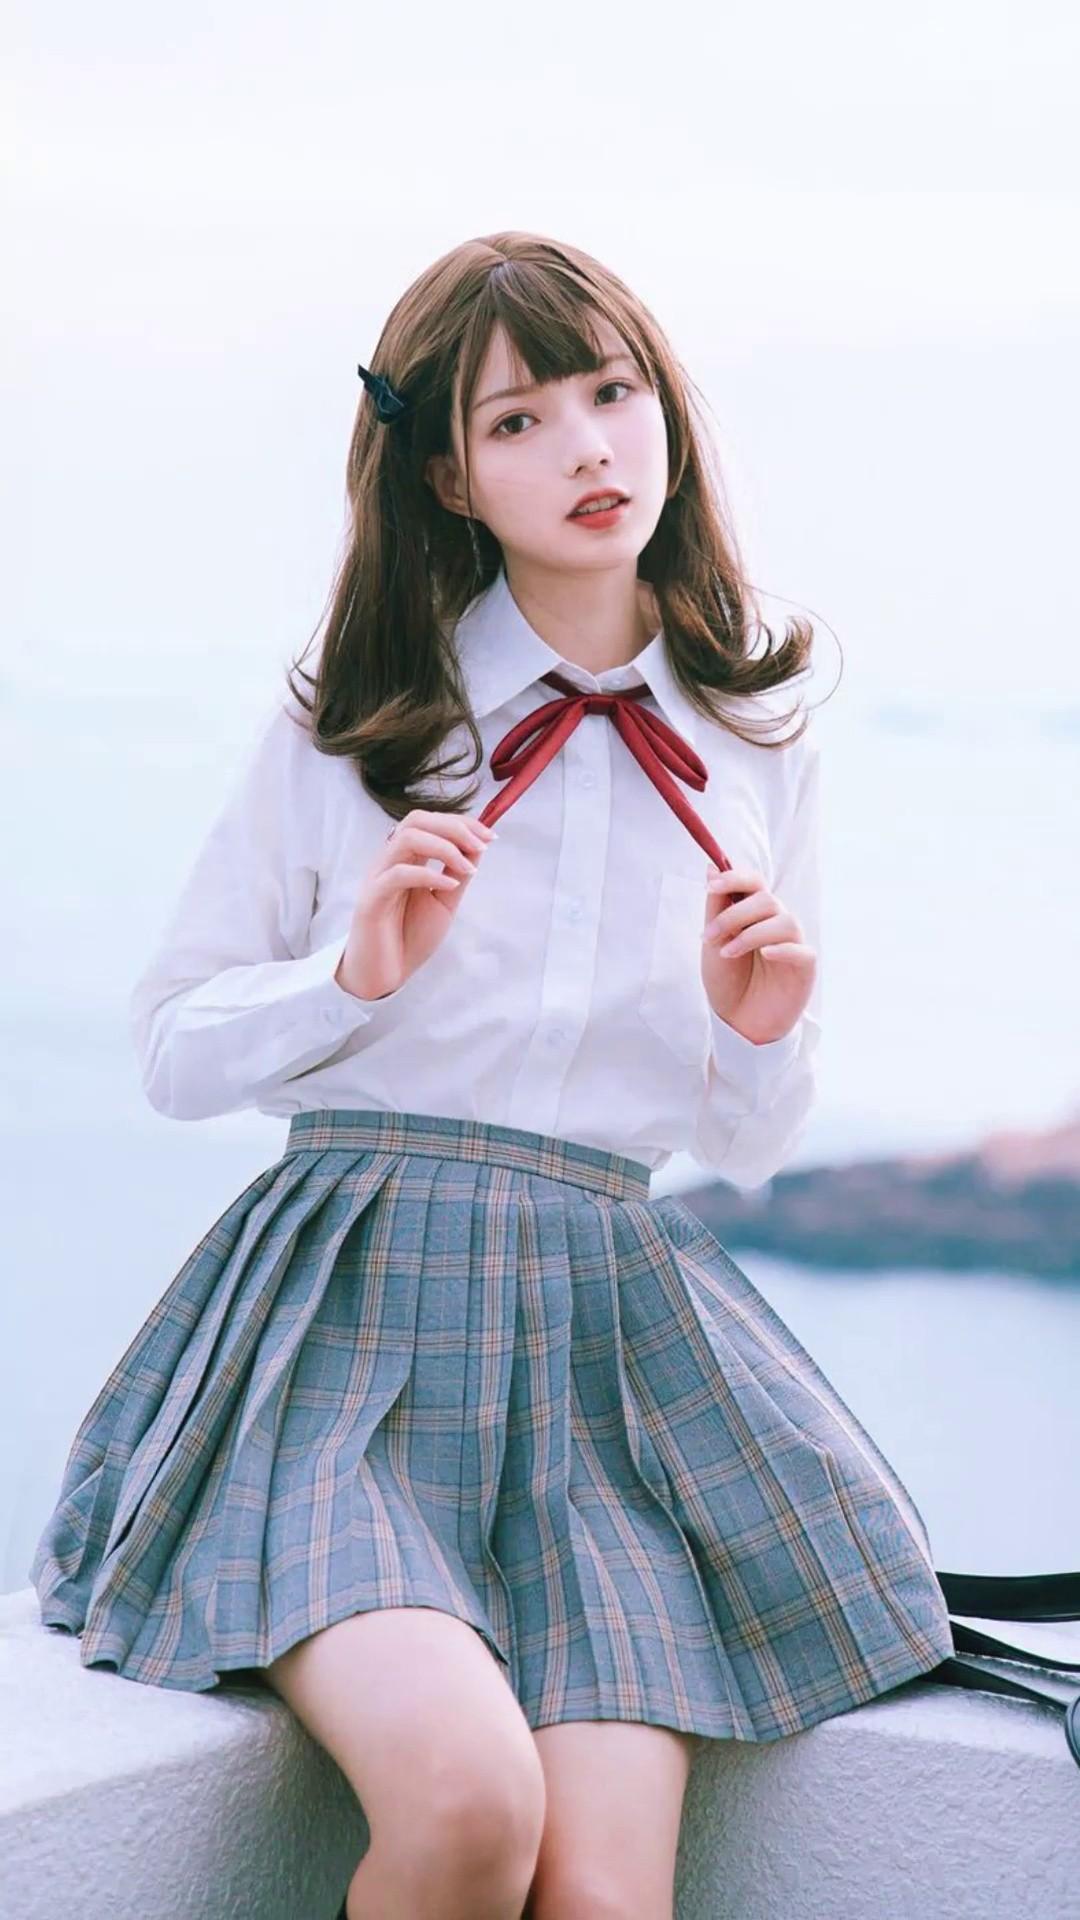 【JK制服】不止清纯和可爱,还有暗黑和帅气的学姐学妹们